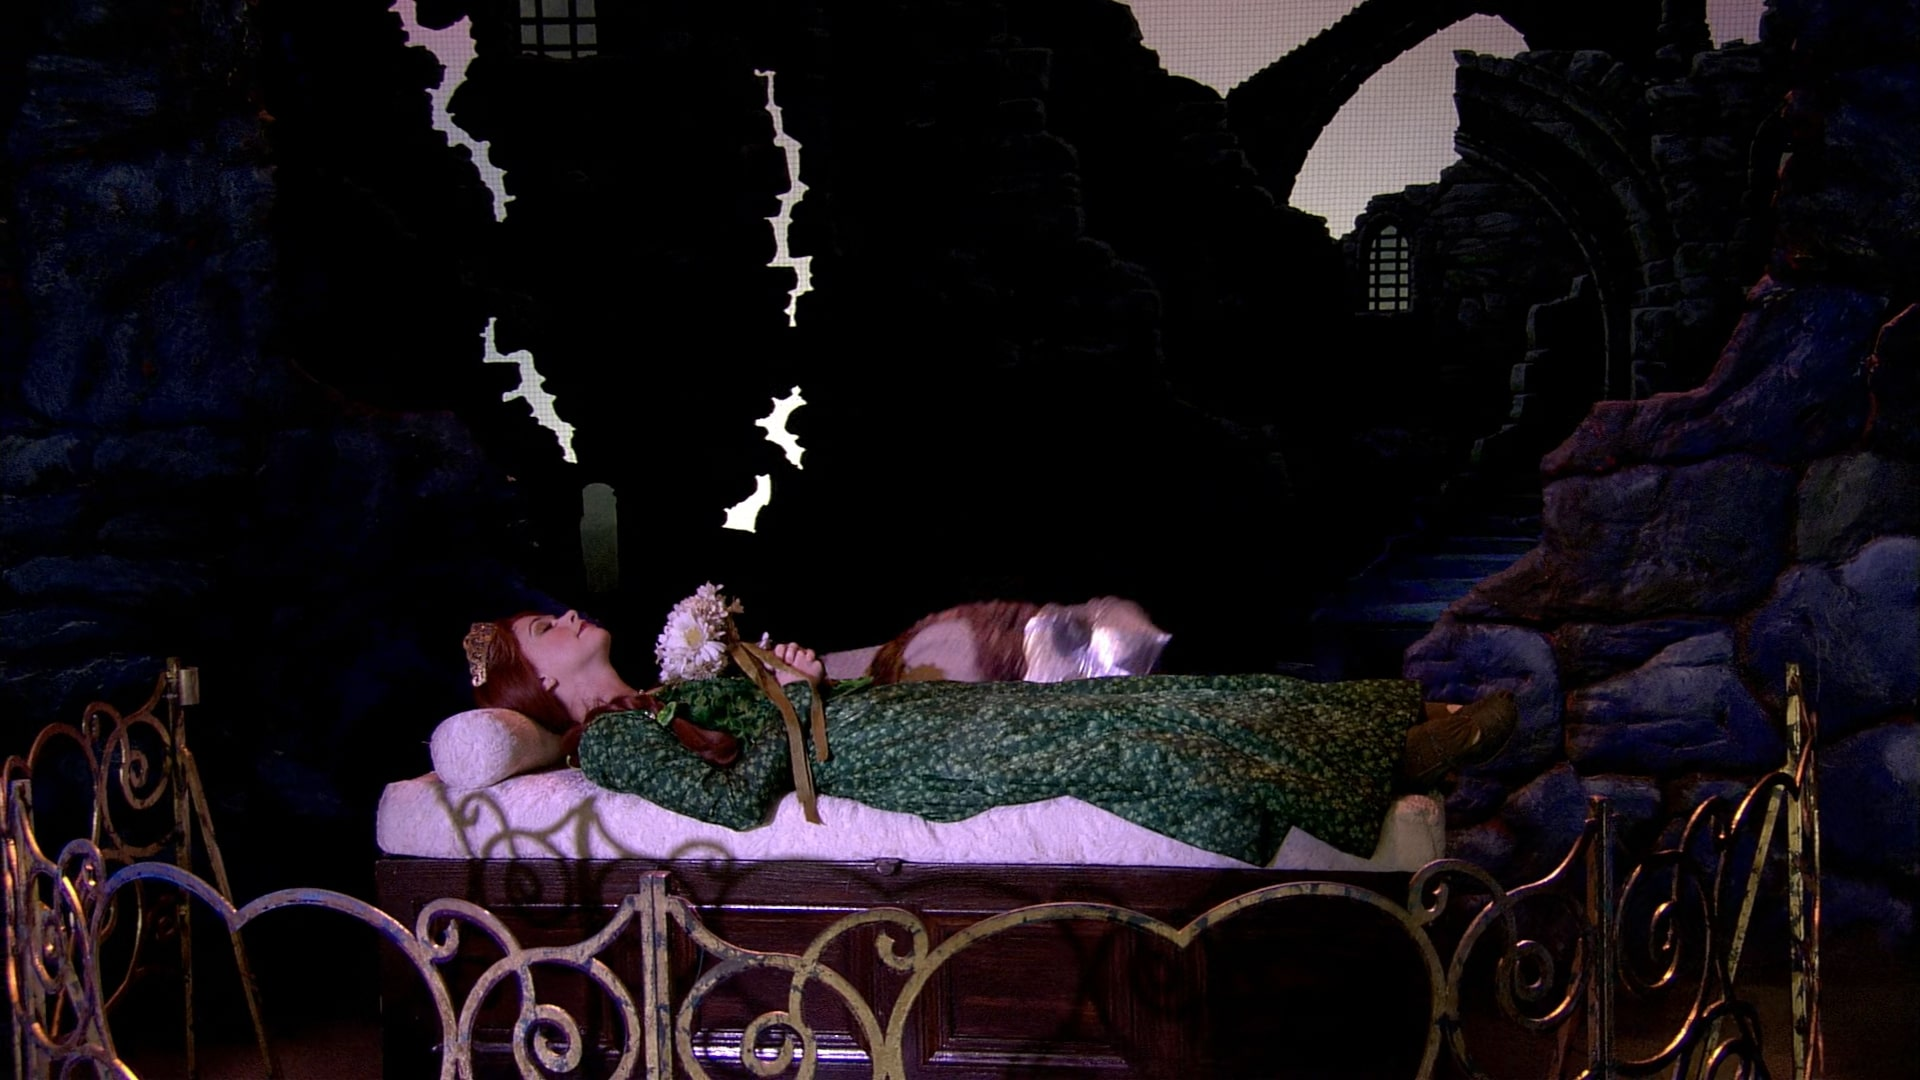 File:FionasTower Bed.jpg